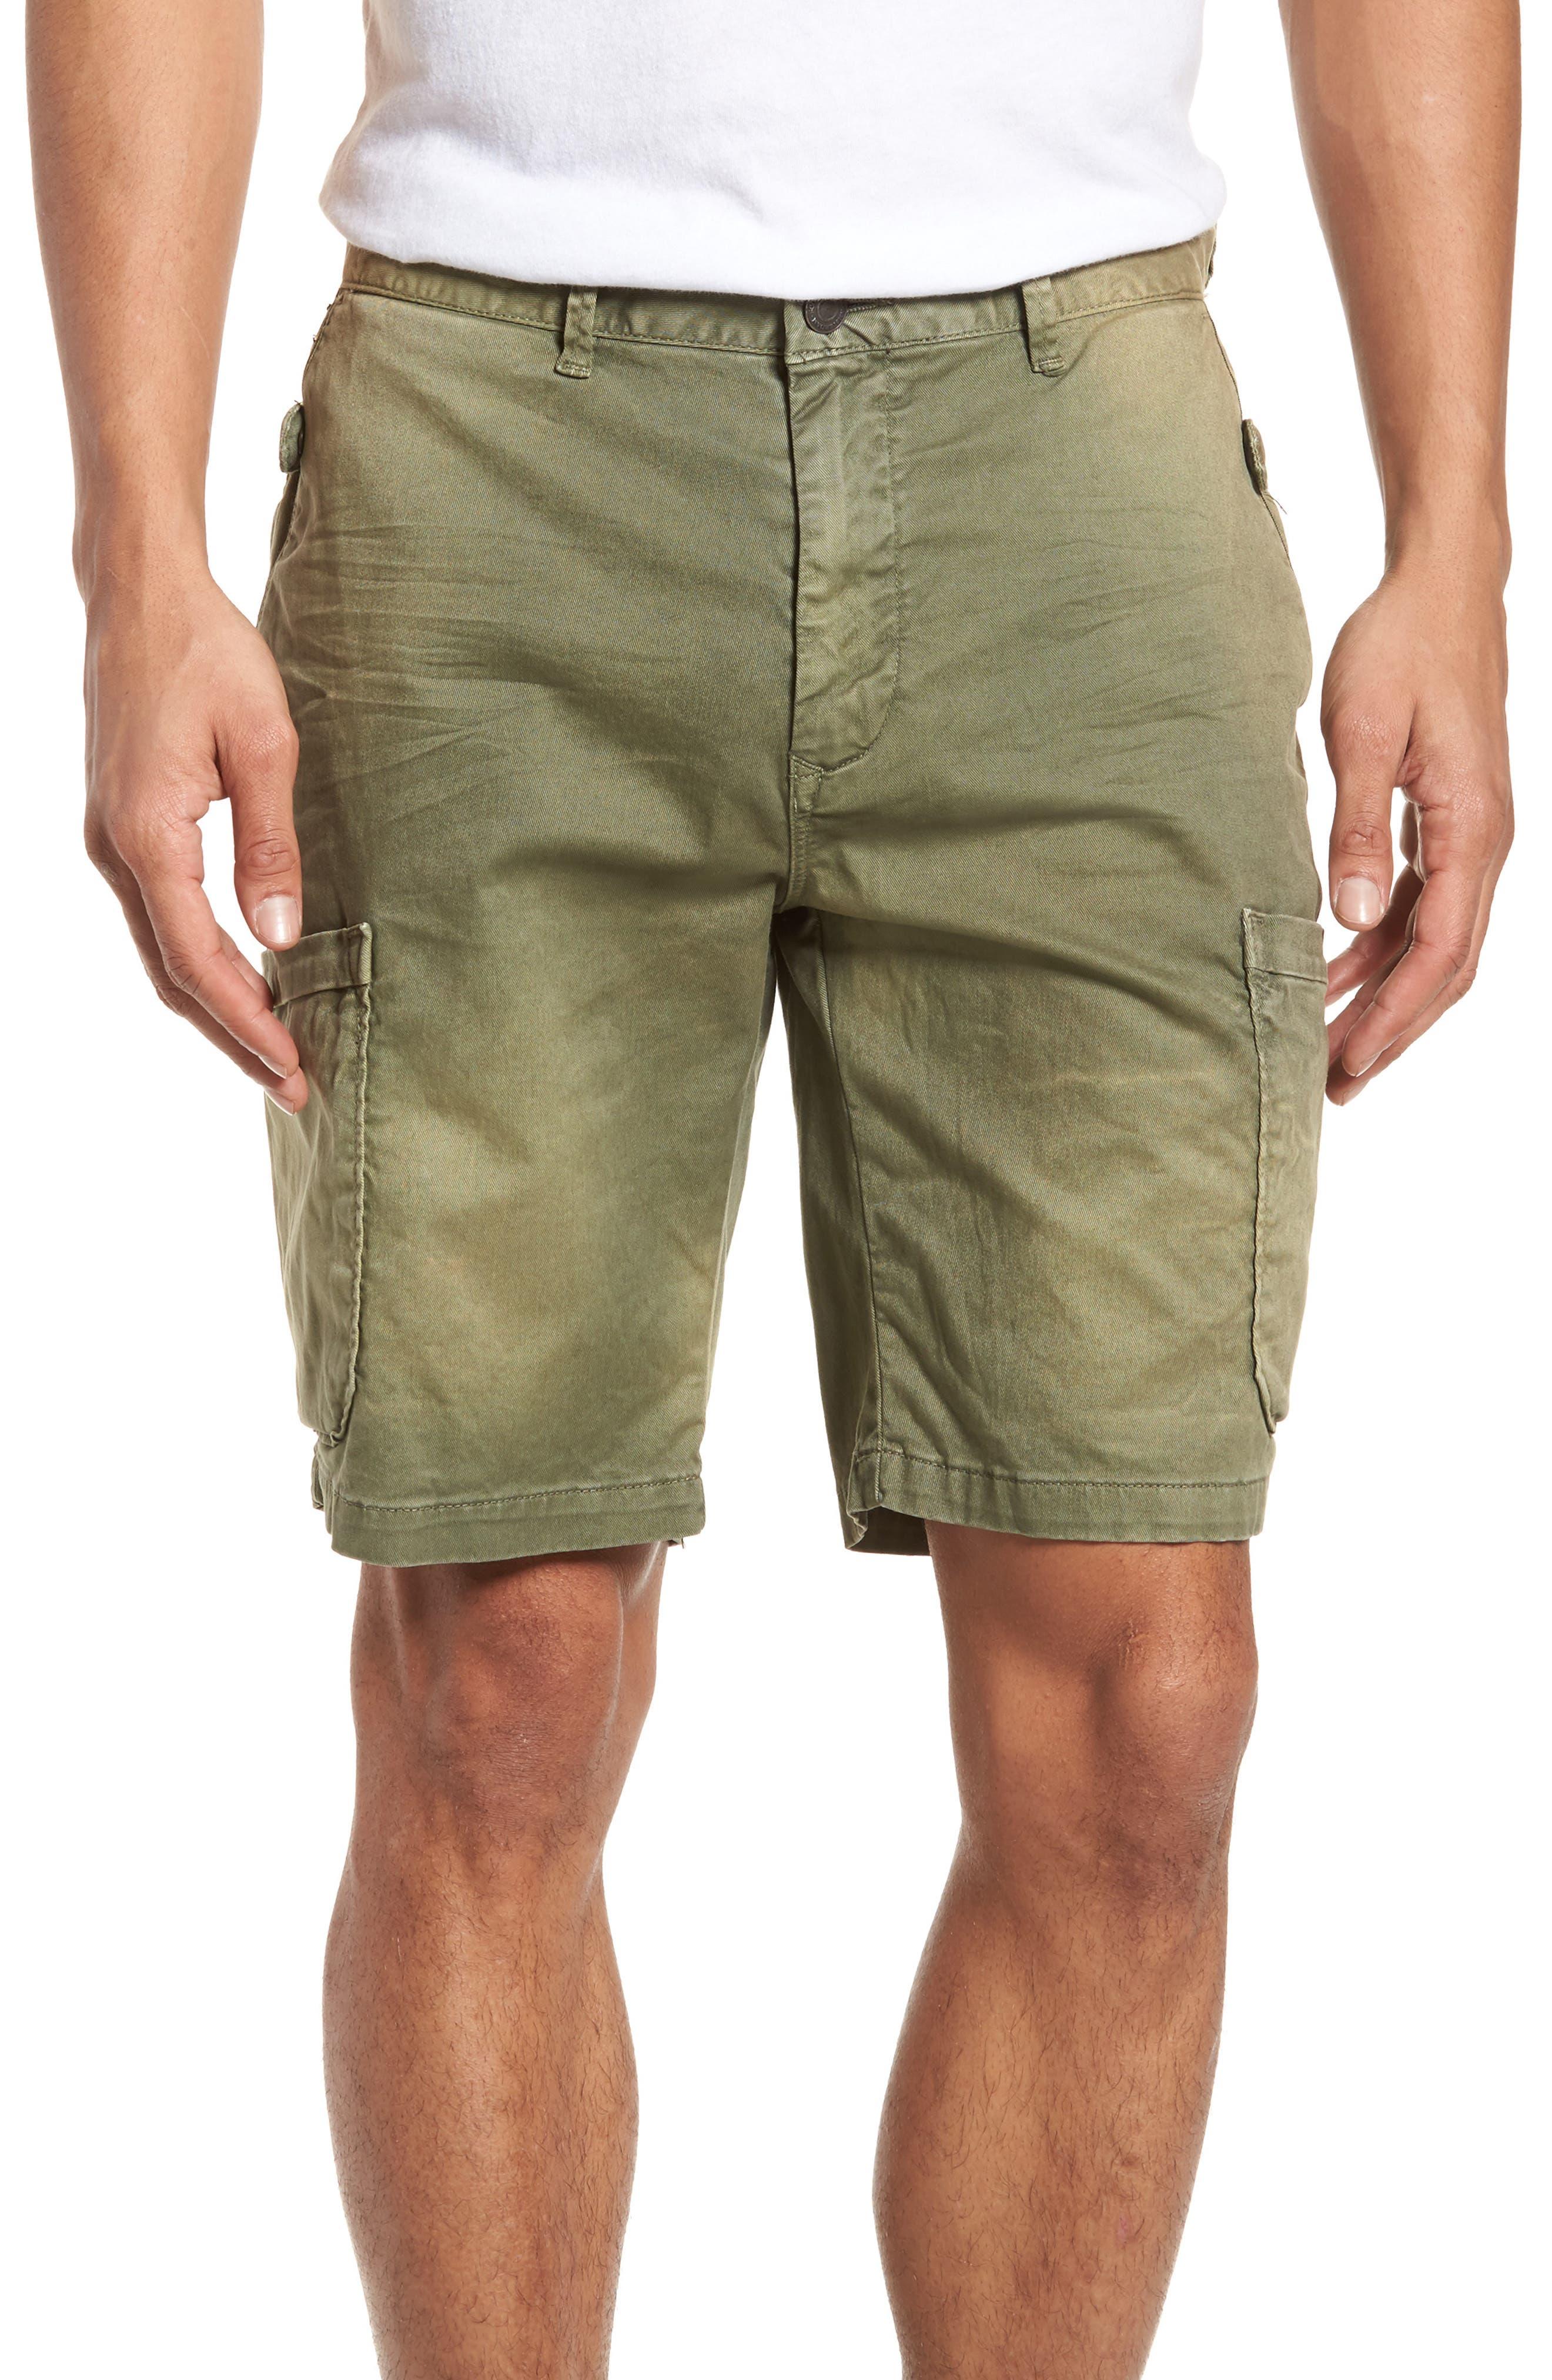 Scotch & Soda Washed Cargo Shorts